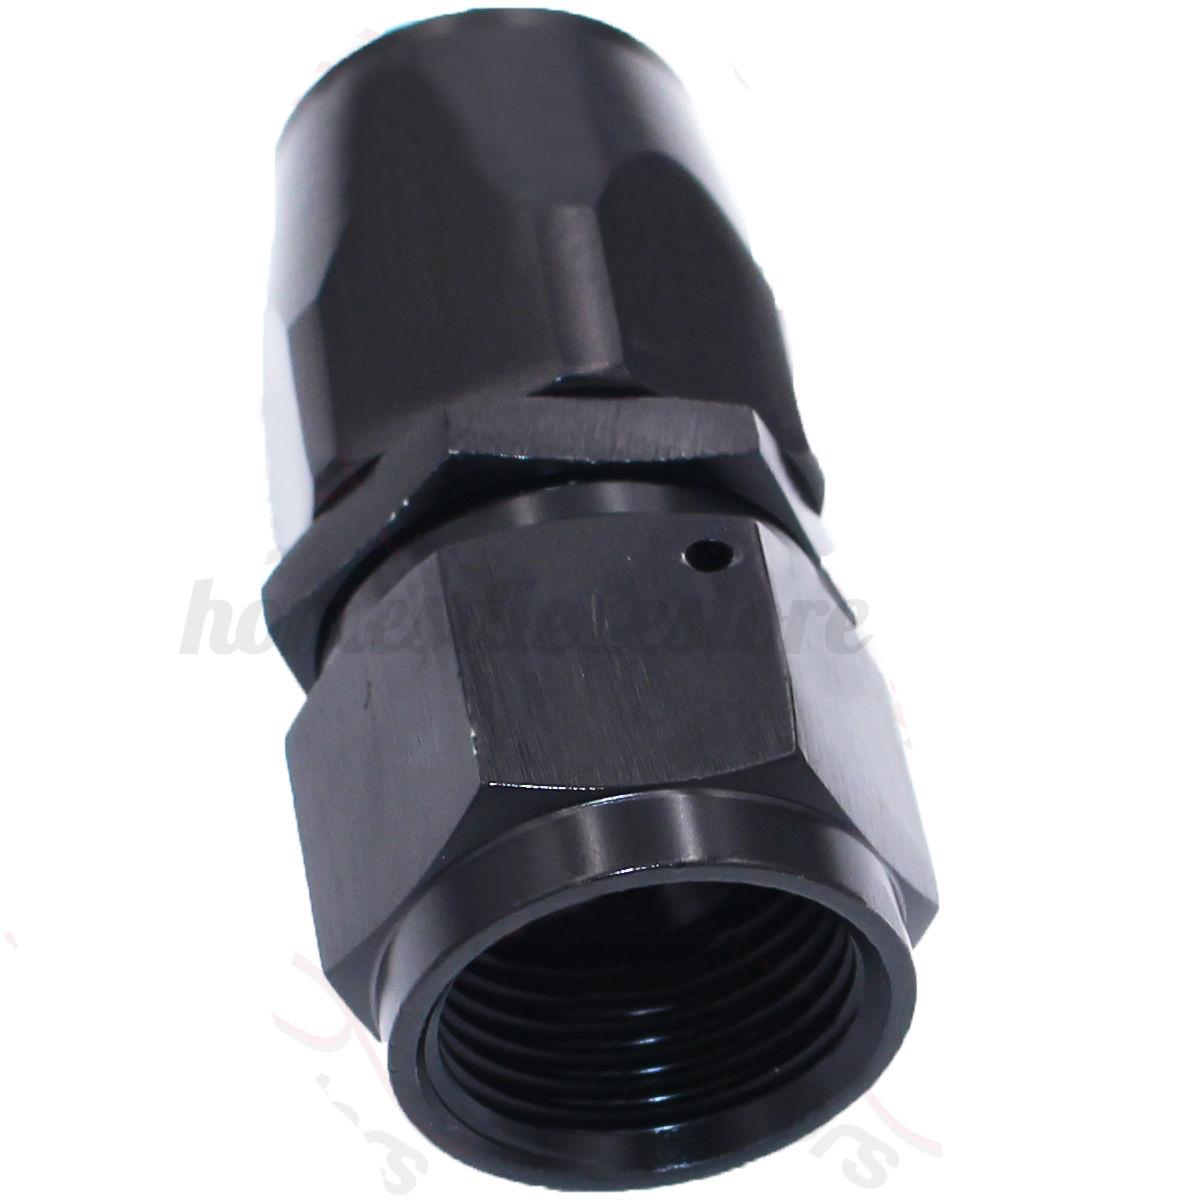 An8 8an an 8 45 degree reusable swivel ptfe hose end - Detail Image